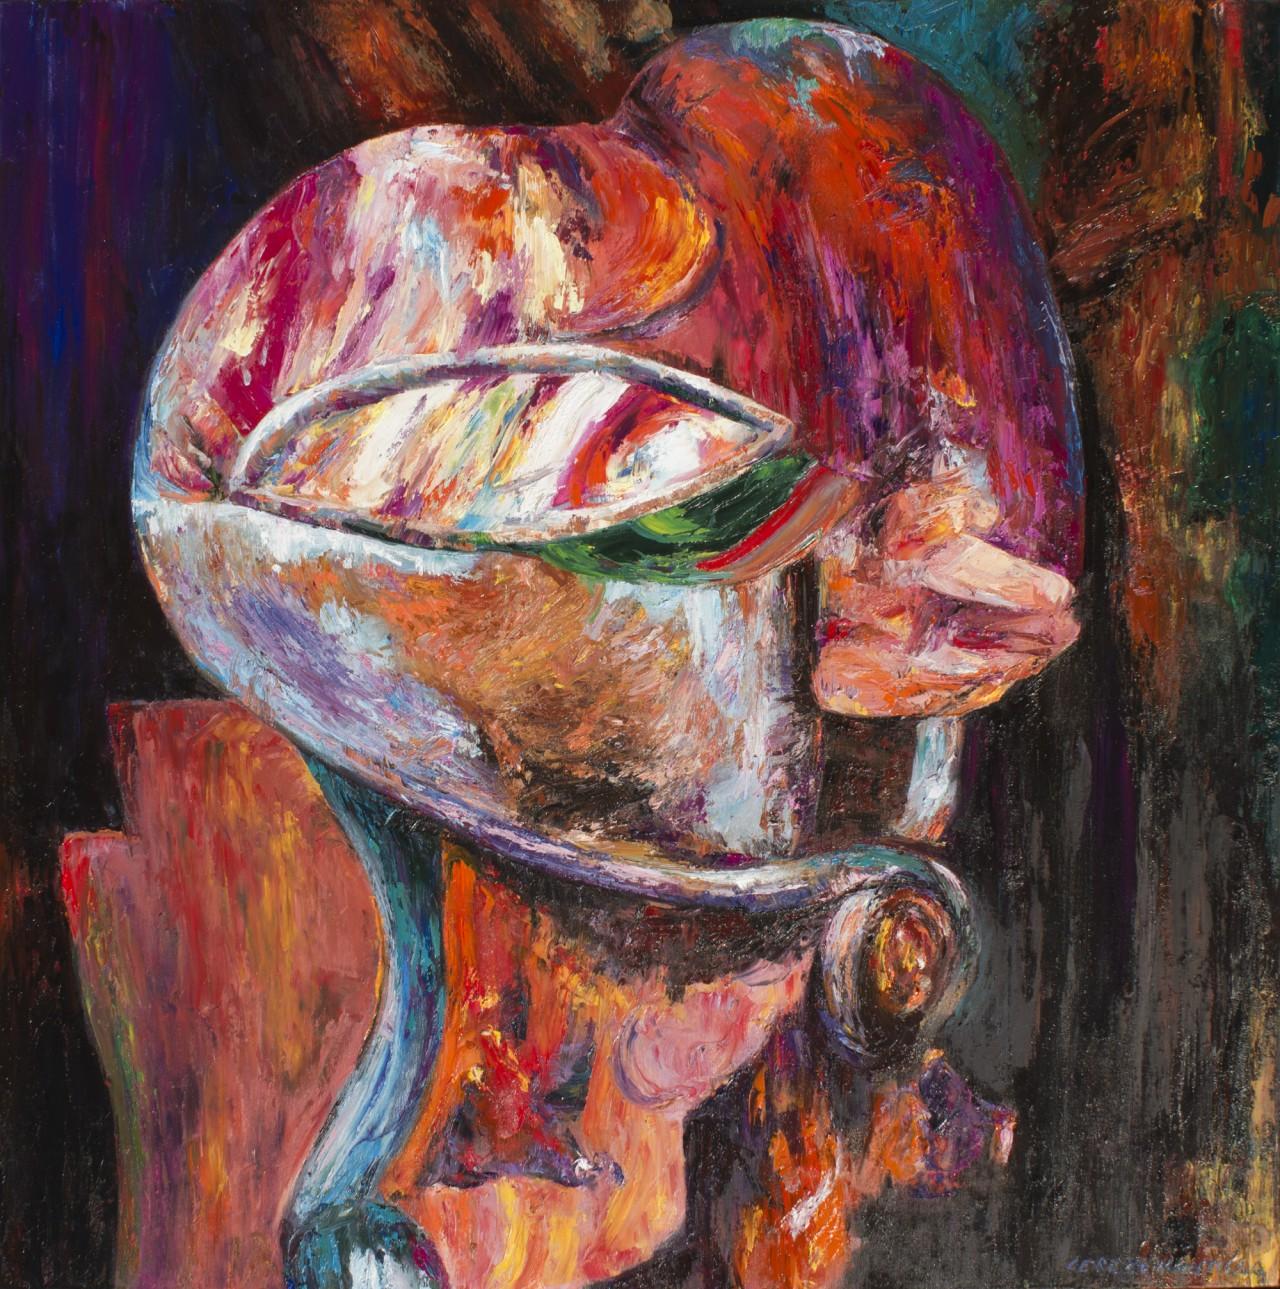 El cazador - Cerezo Montilla - compar cuadros modernos, comprar cuadros, cuadros modernos